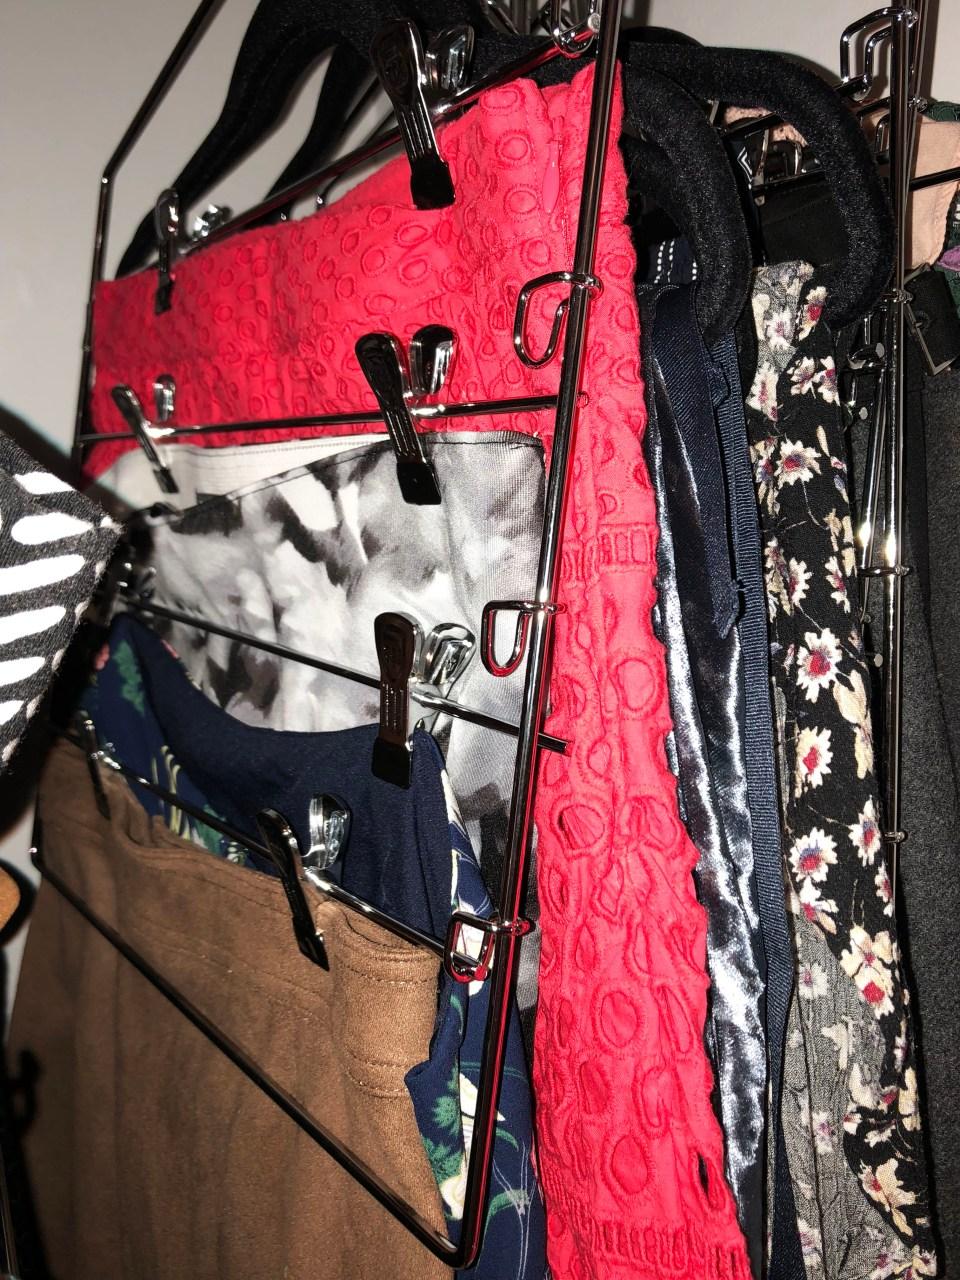 Skirt Hanger 1